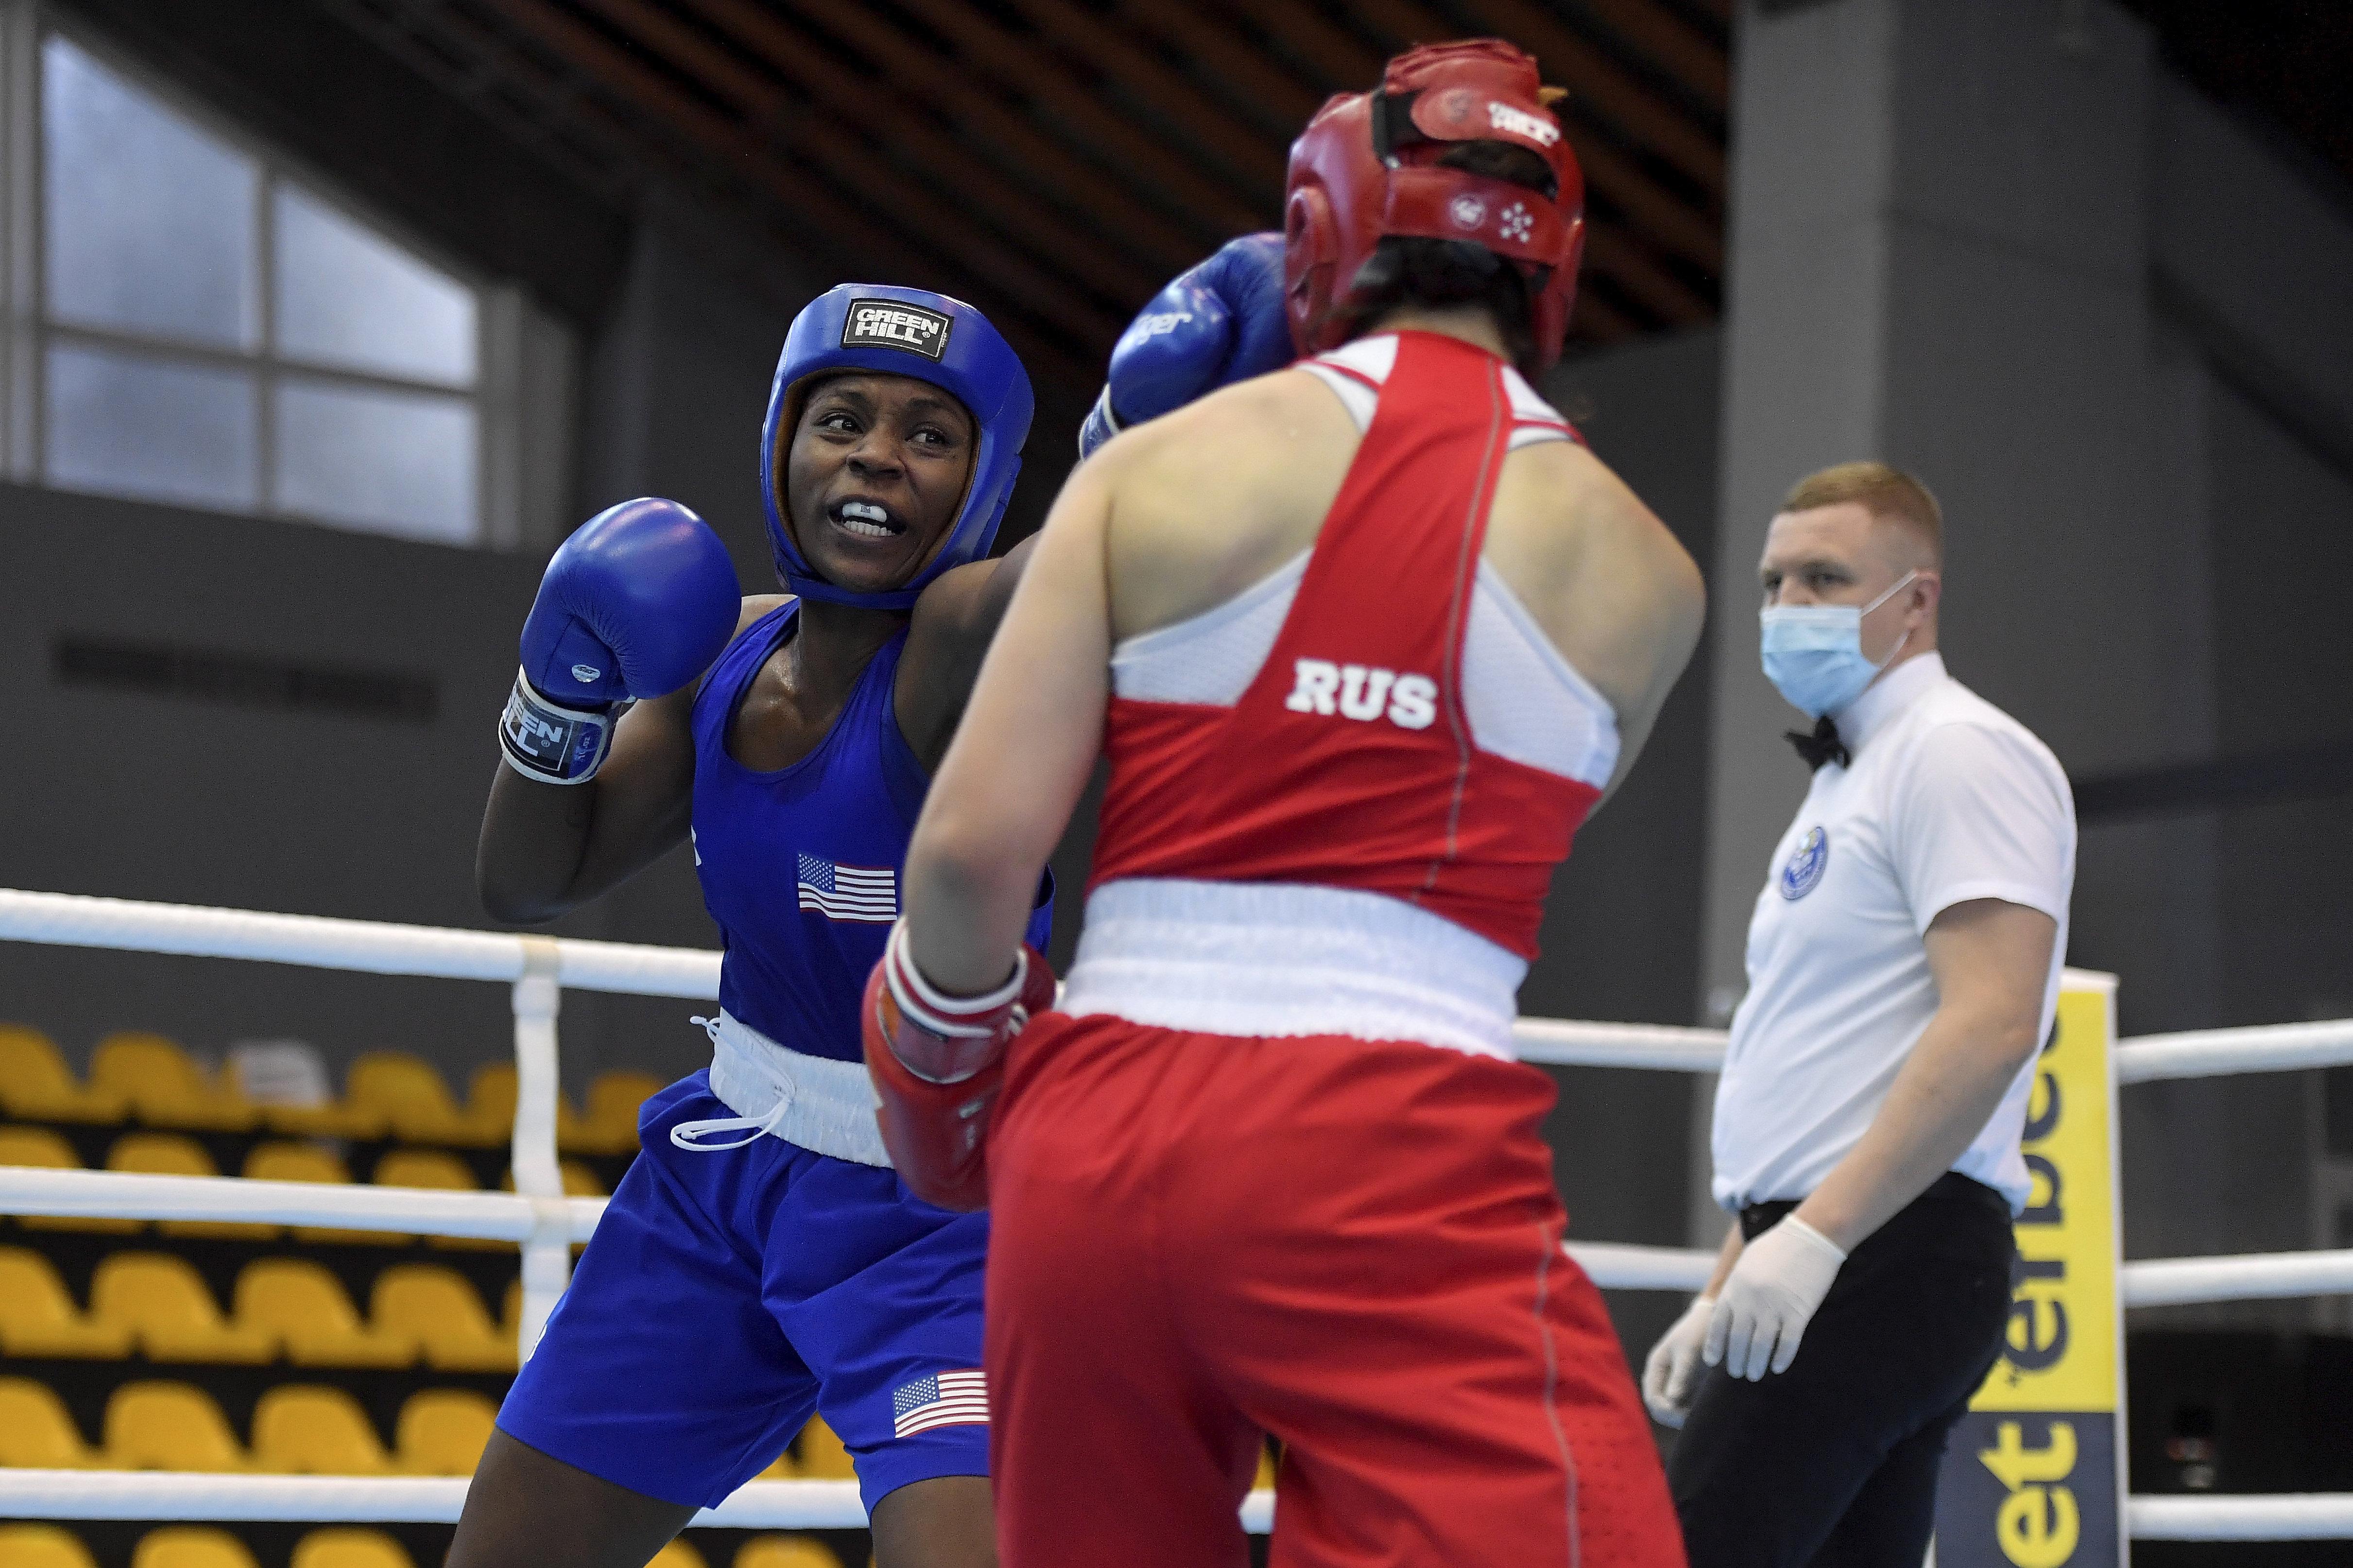 AIBA Strandja Memorial Boxing Tournament - Quarter-Finals